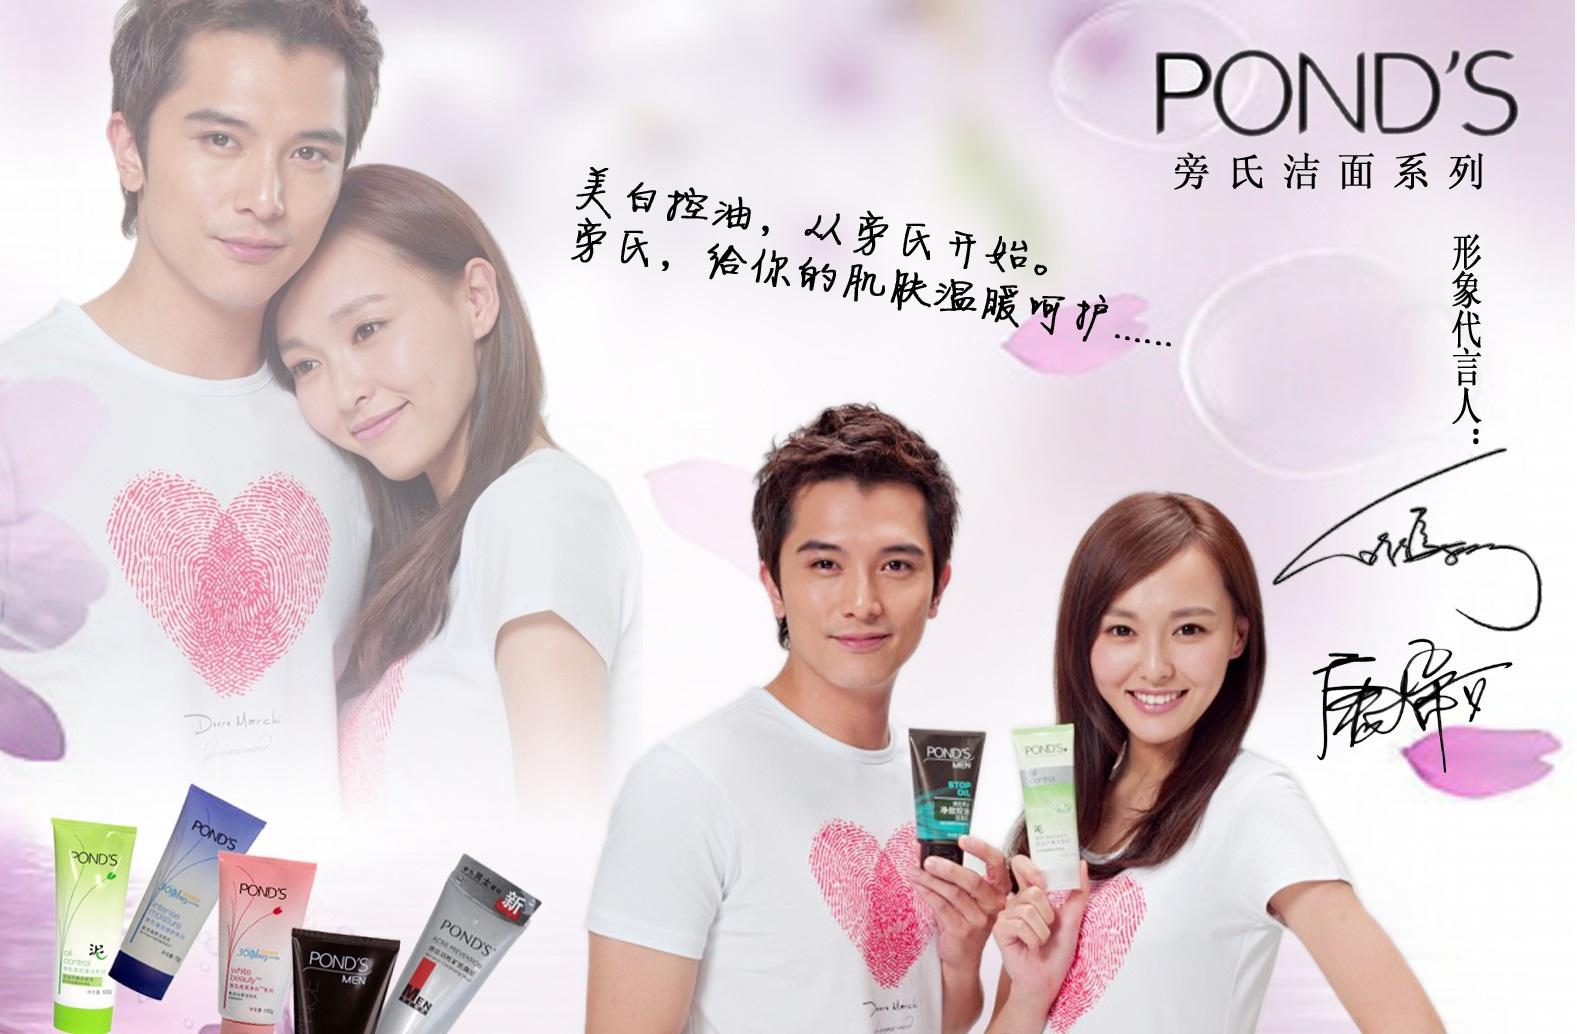 Comment la marque Ponds surfe sur le romantisme en Chine